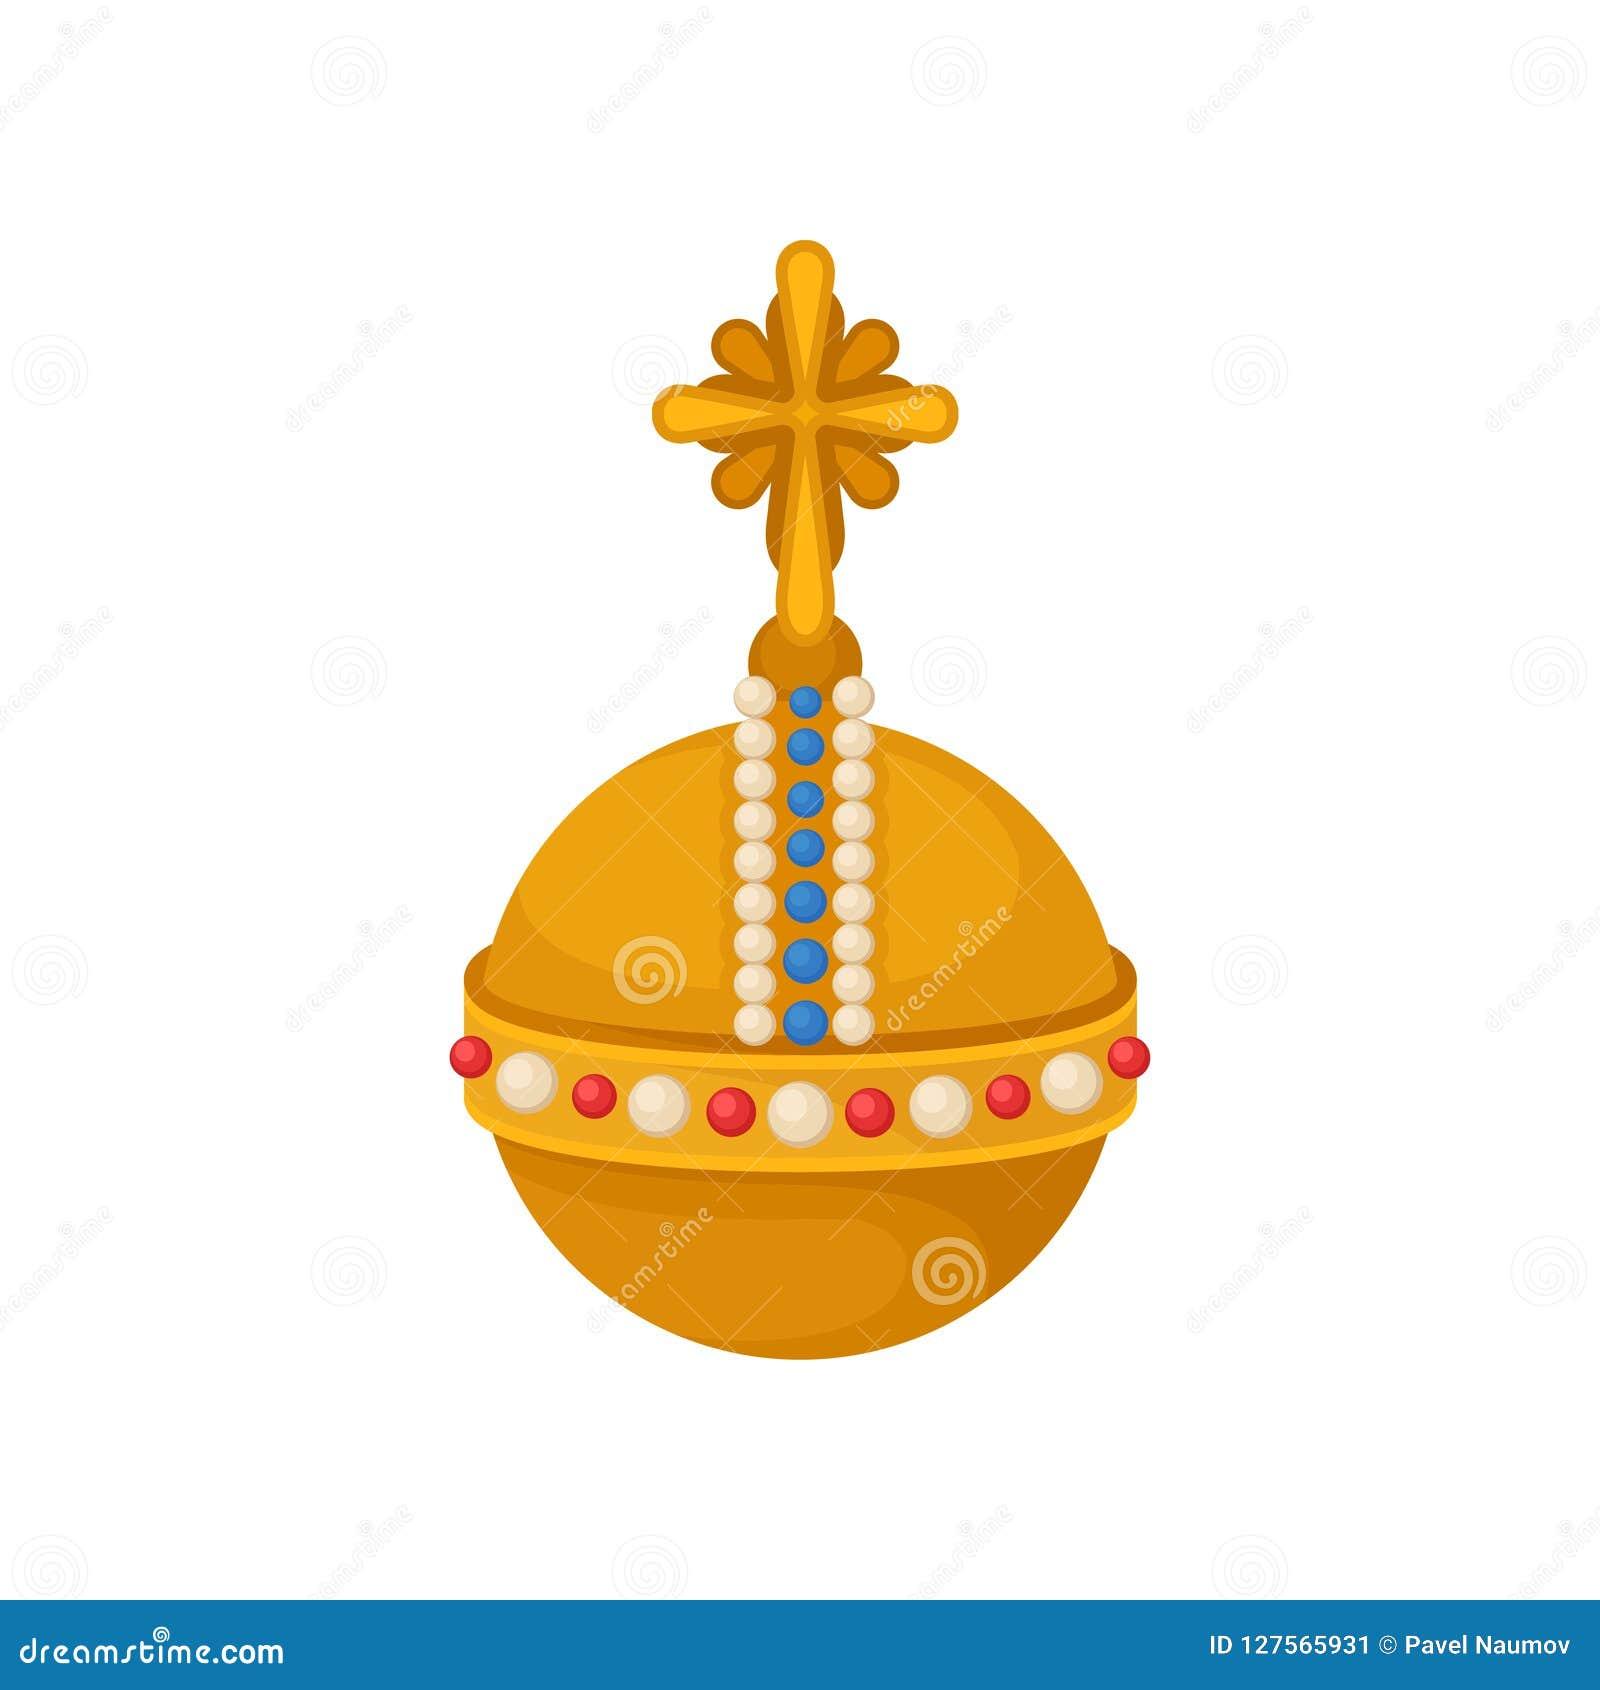 Simbolo araldico del globo dorato, illustrazione di vettore di attributo della monarchia su un fondo bianco